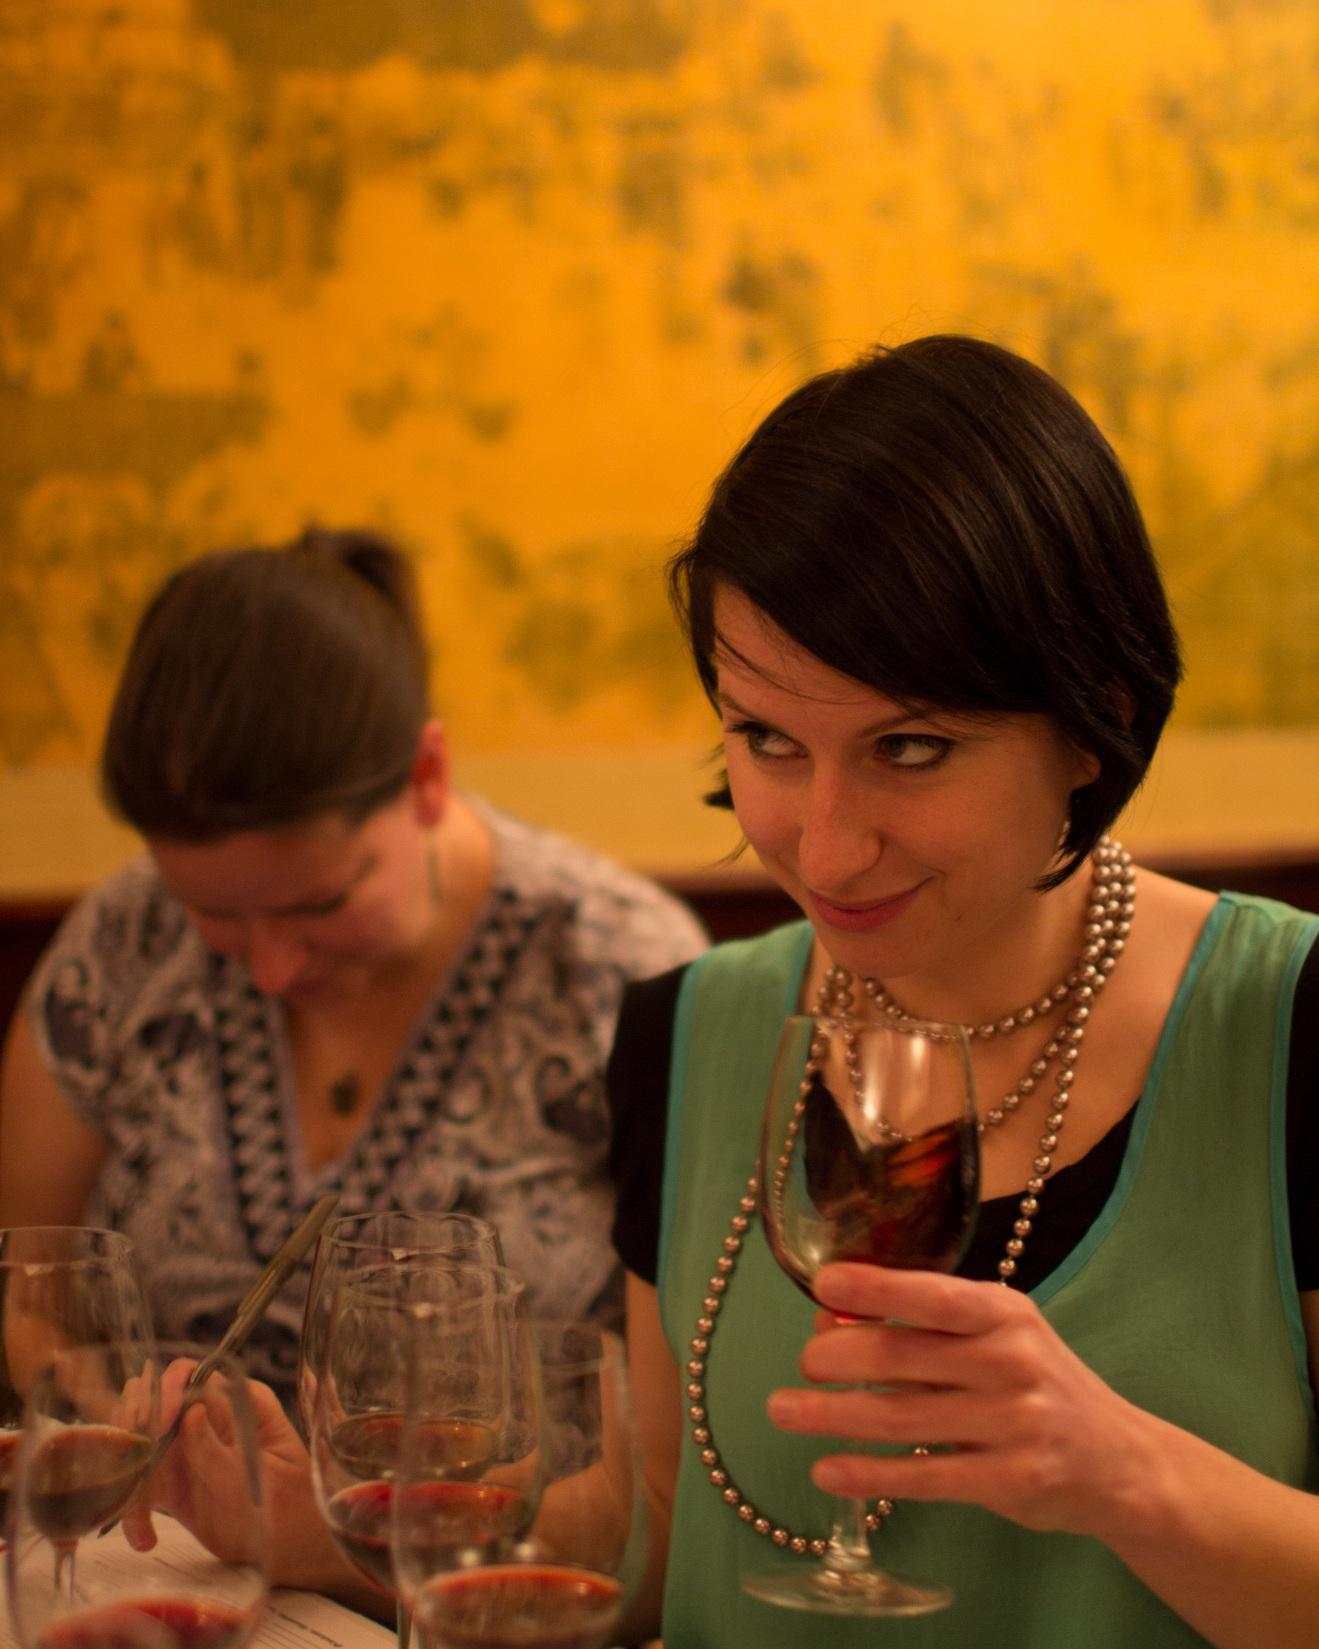 Segundo Madeline, promover experiências que explorem os sentidos do olfato e paladar é uma maneira de atrair novos consumidores para o vinho (Crédito: Wine Folly)